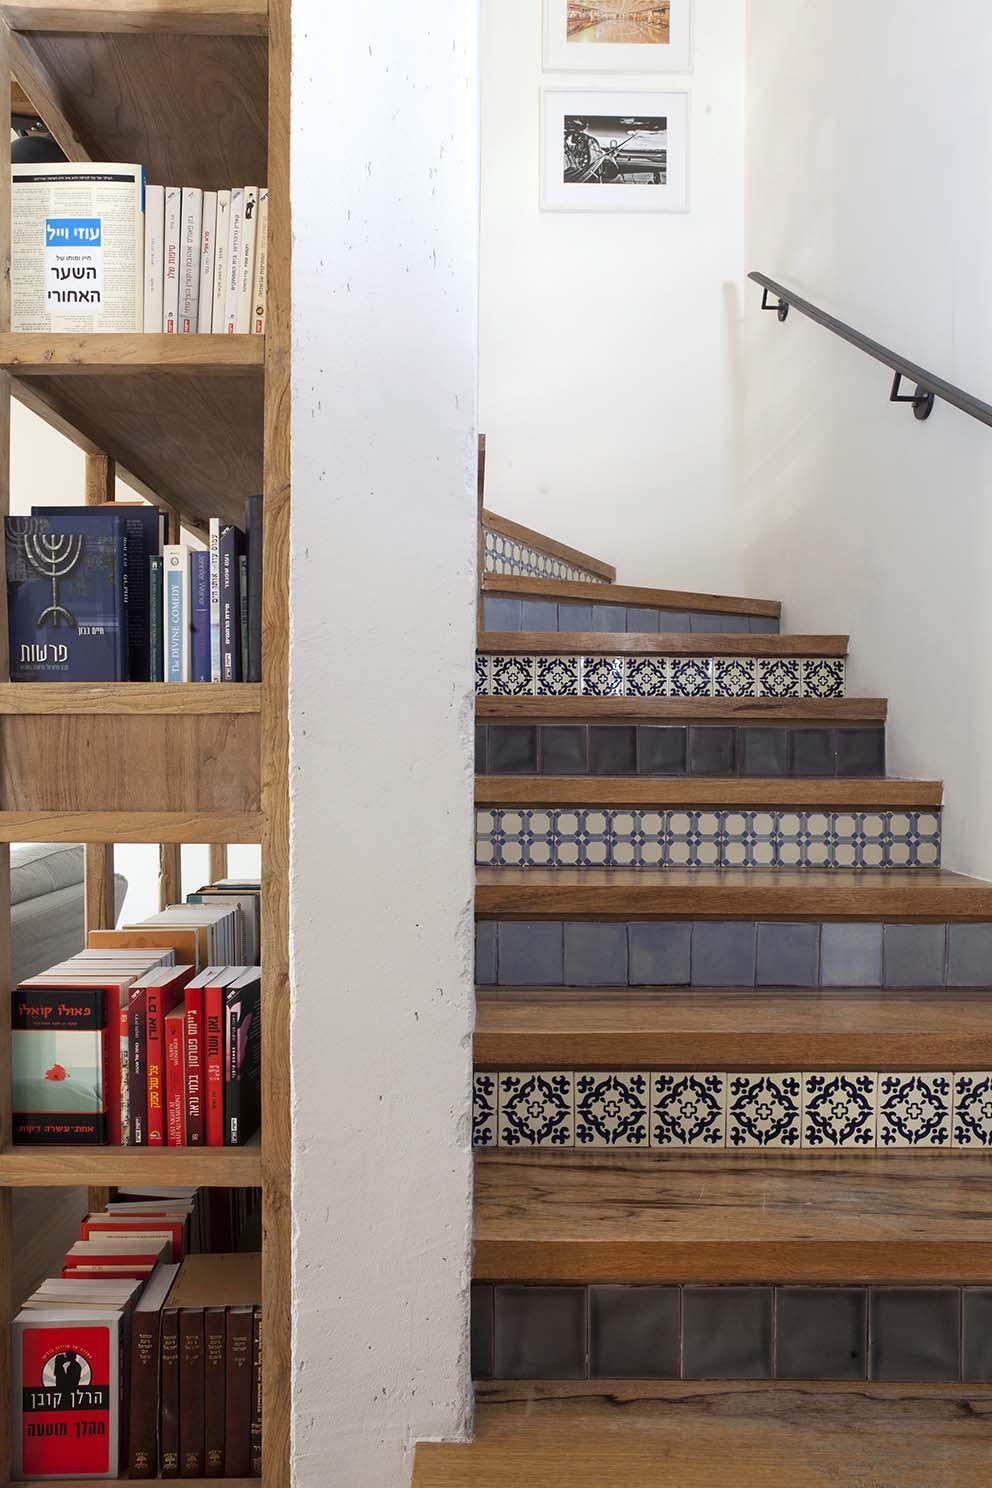 עיצוב: דיאגונל - אדריכלות ועיצוב פנים, צילום: הגר דופלט, www.pnim.co.il